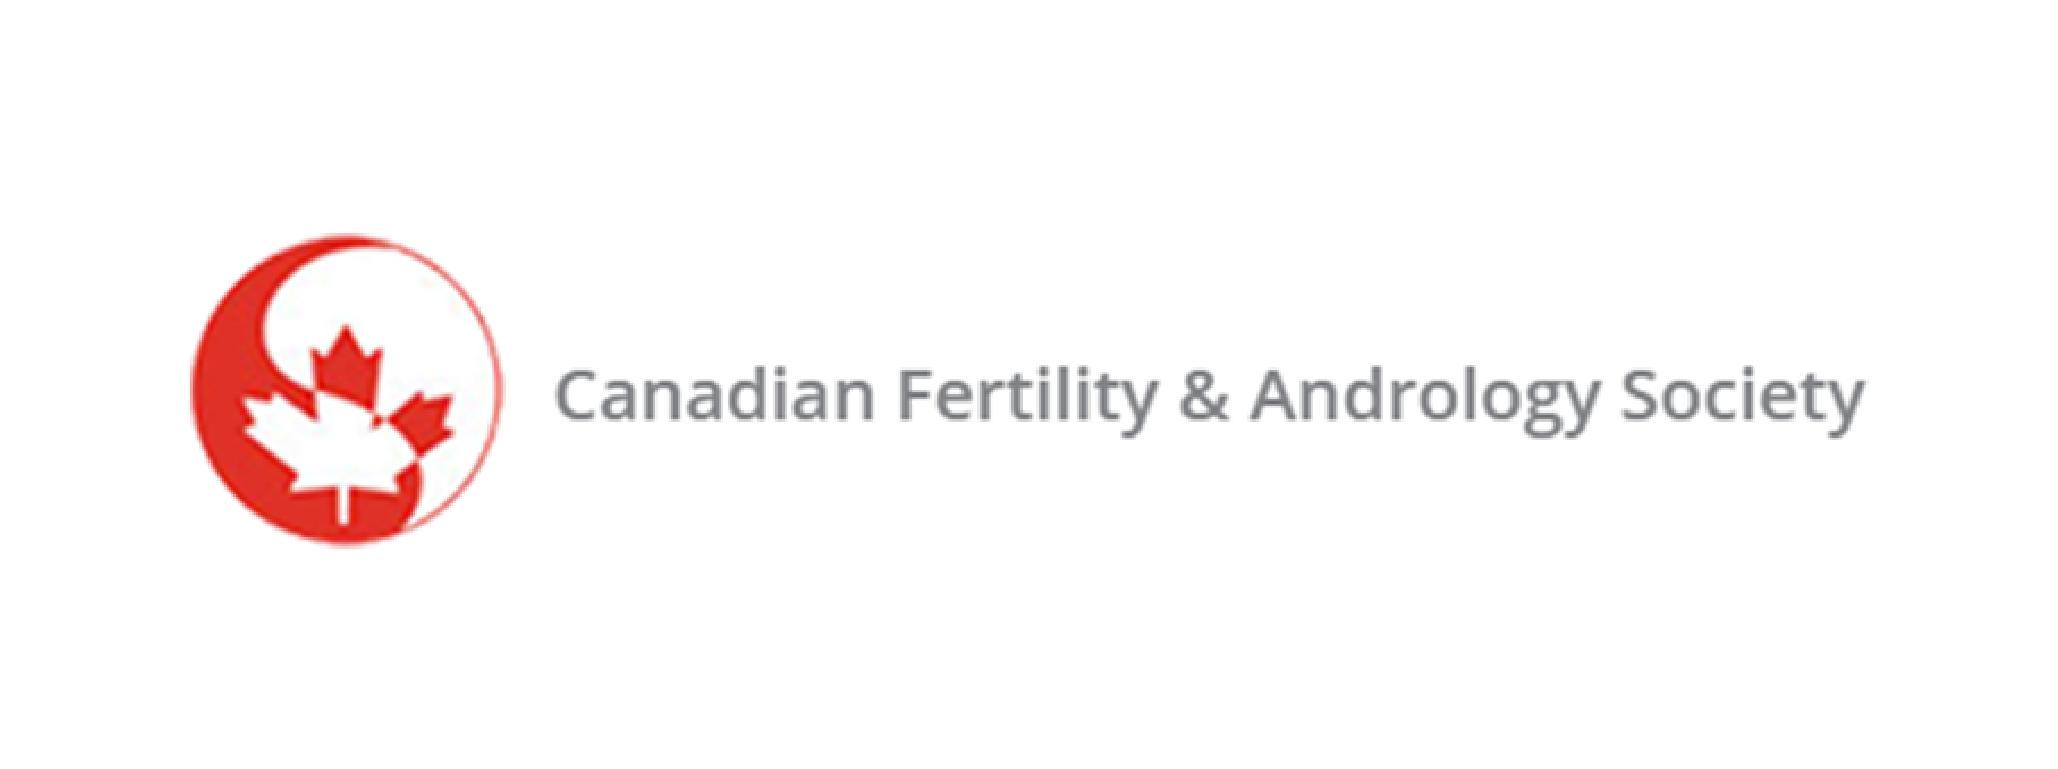 canadianfertilityandandrologysociety.png